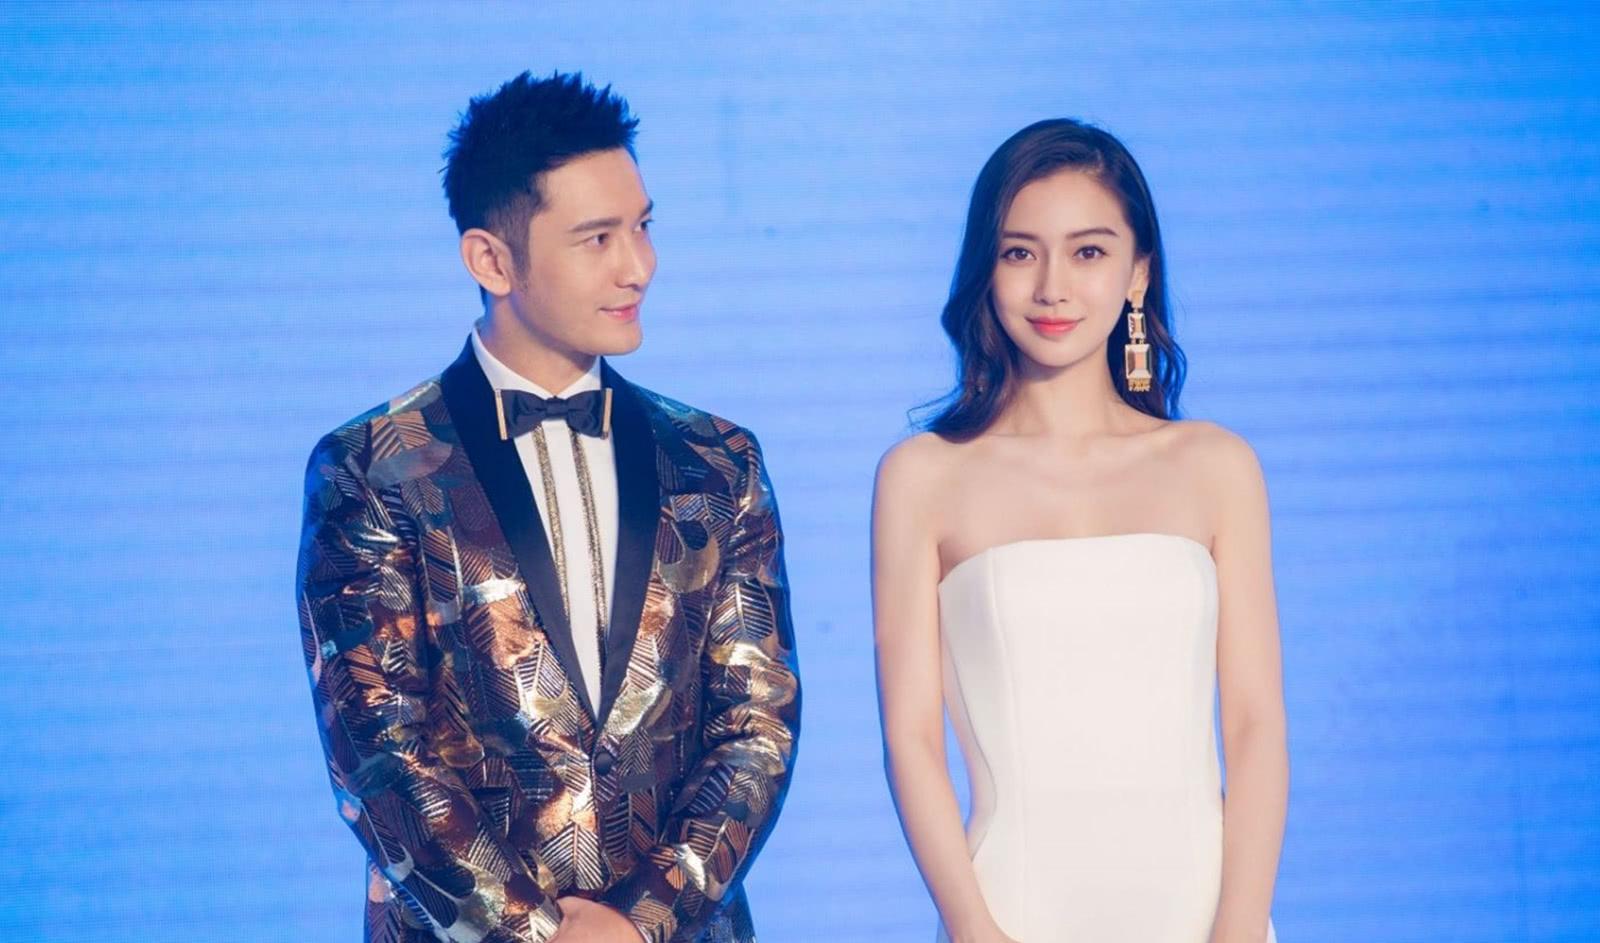 秦岚和他交往两年被分手,09年和杨颖相识,如今结婚多年零绯闻